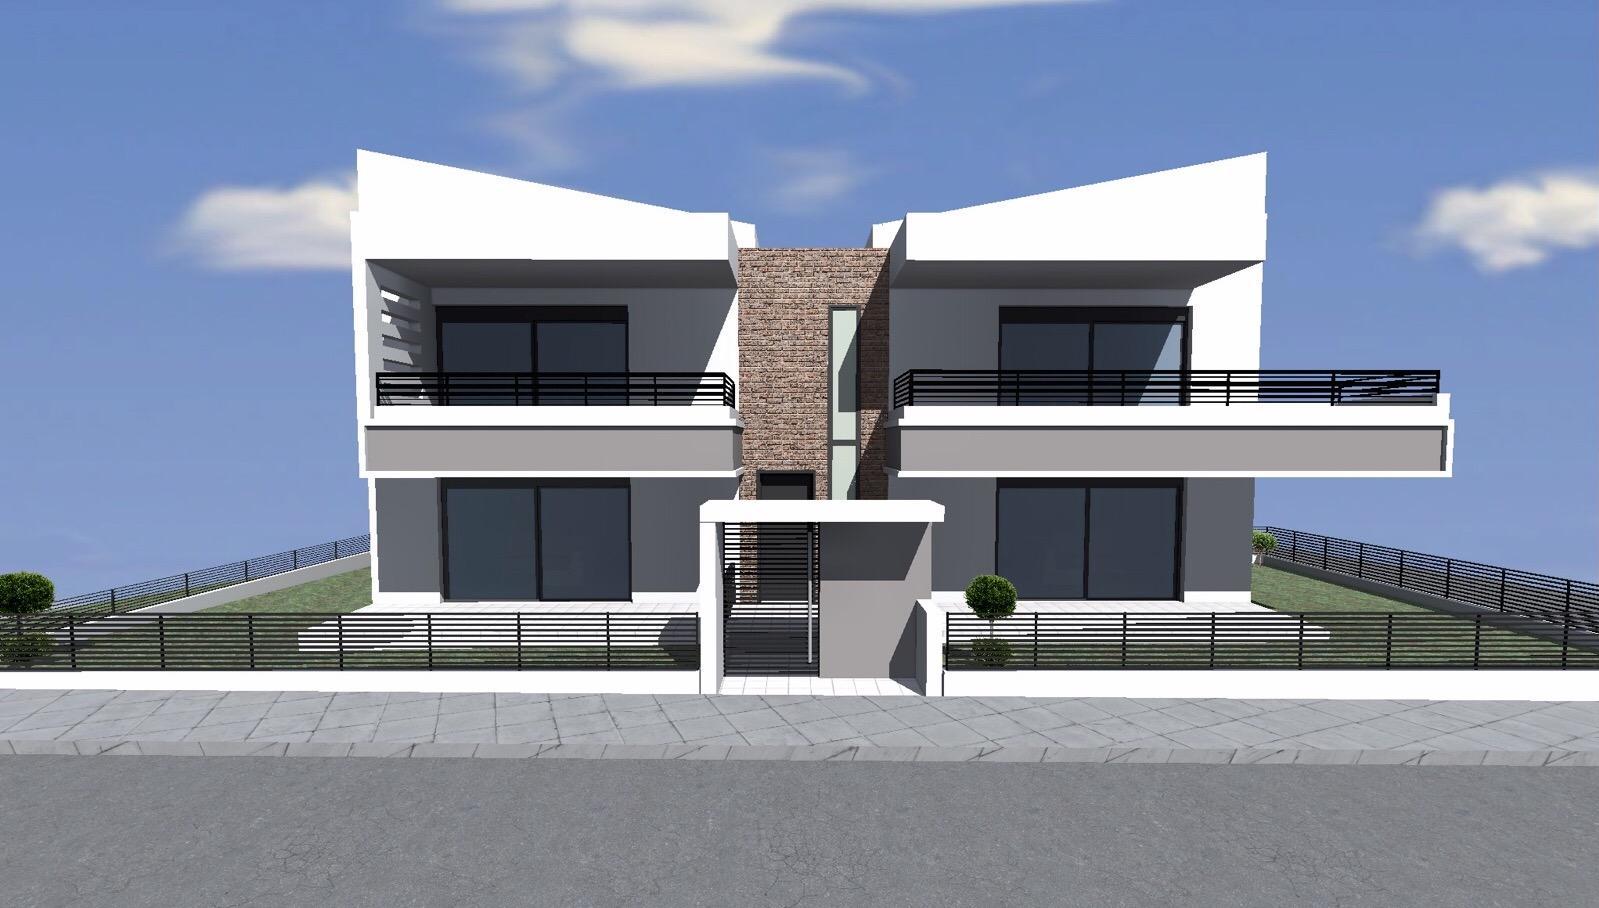 Νέο συγκρότημα κατοικιών | 2018